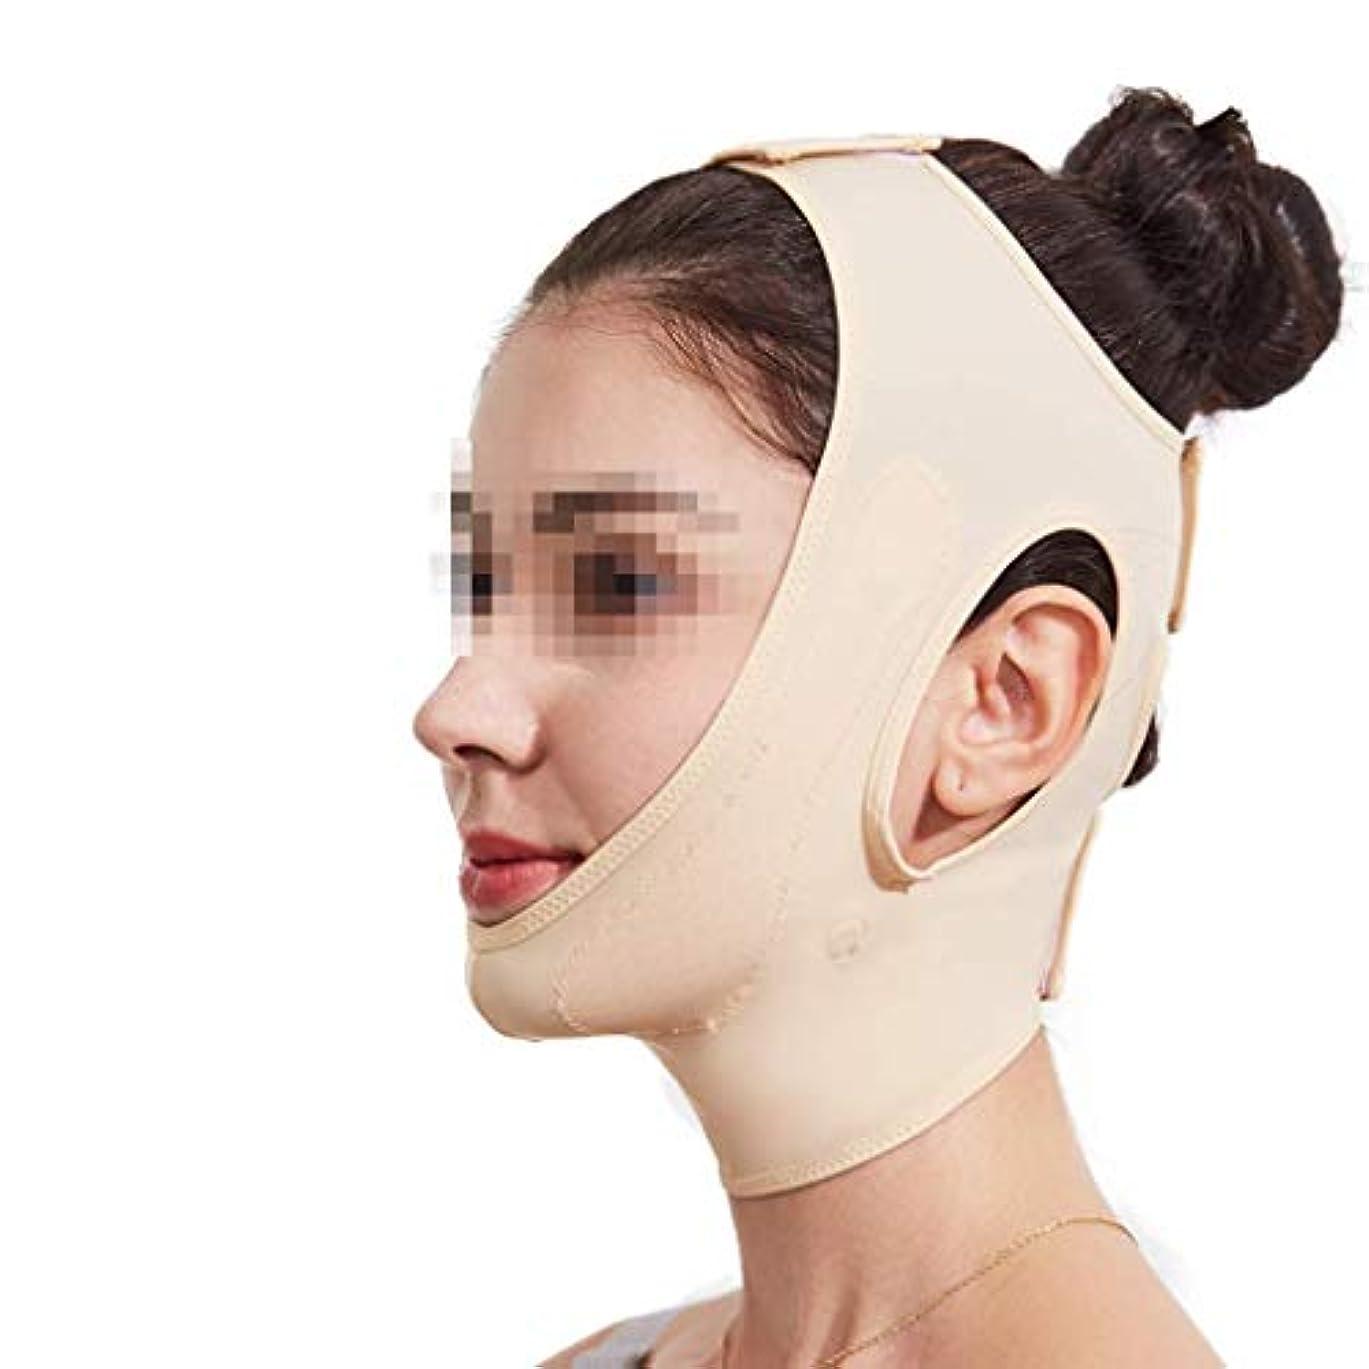 フェイスリフティング包帯、フェイスマスクフェイスリフトチン快適なフェイスマルチカラーオプション(カラー:ブラック),肌の色合い